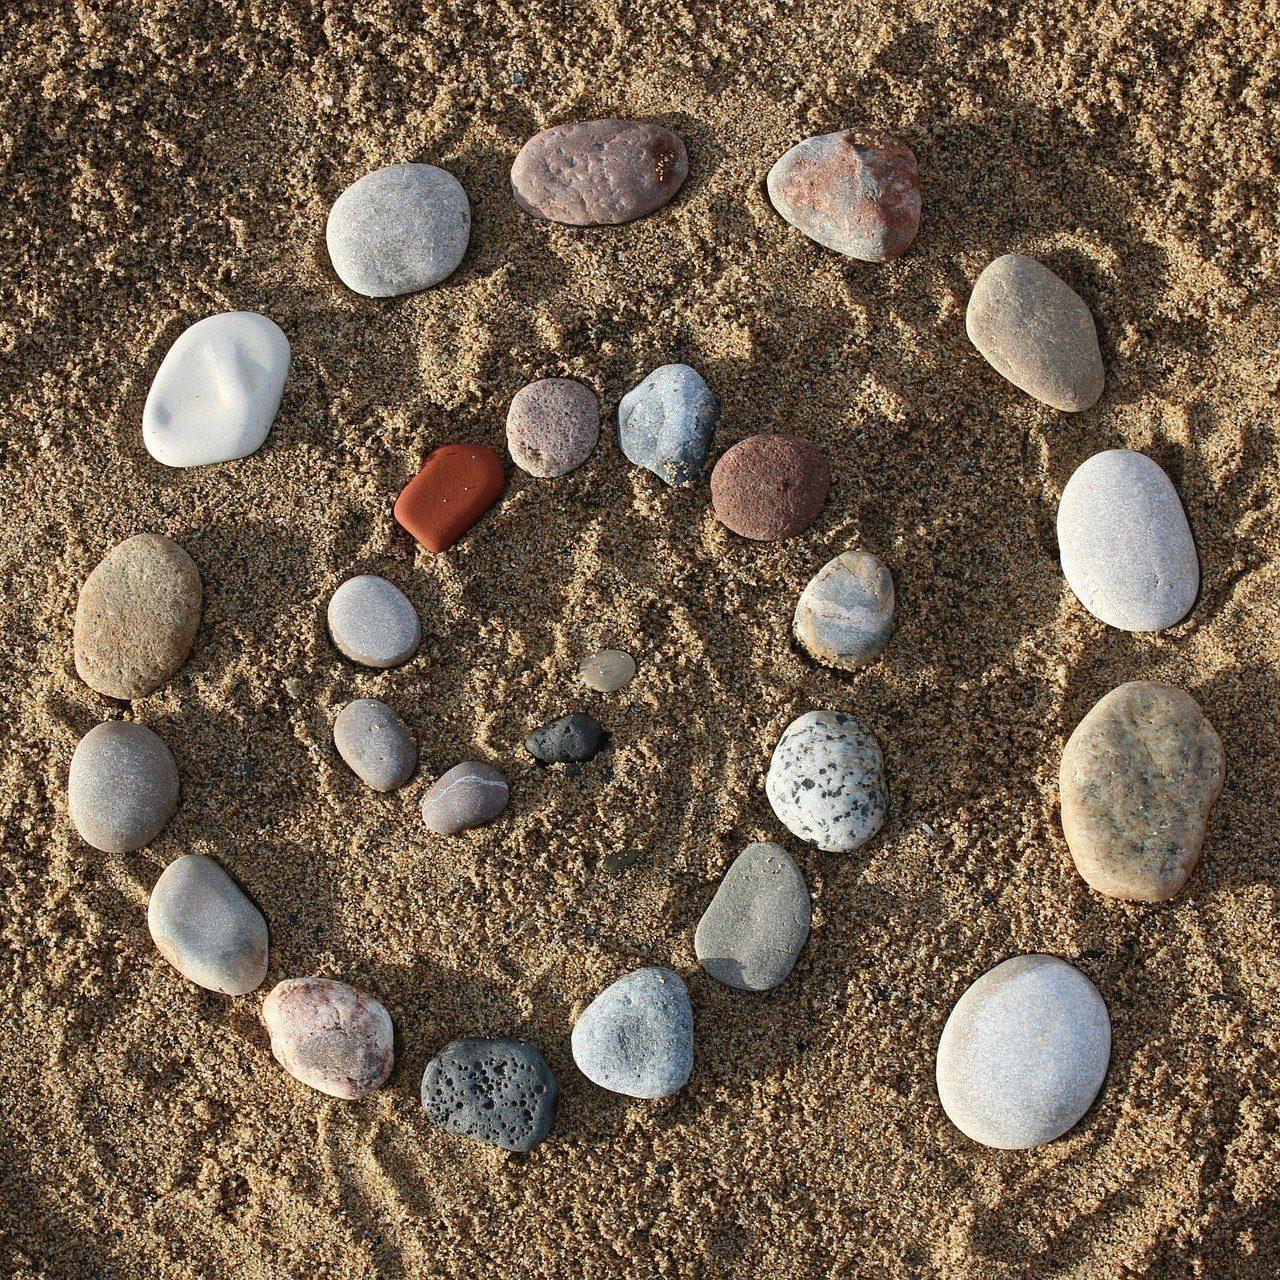 stones-1157478_1920